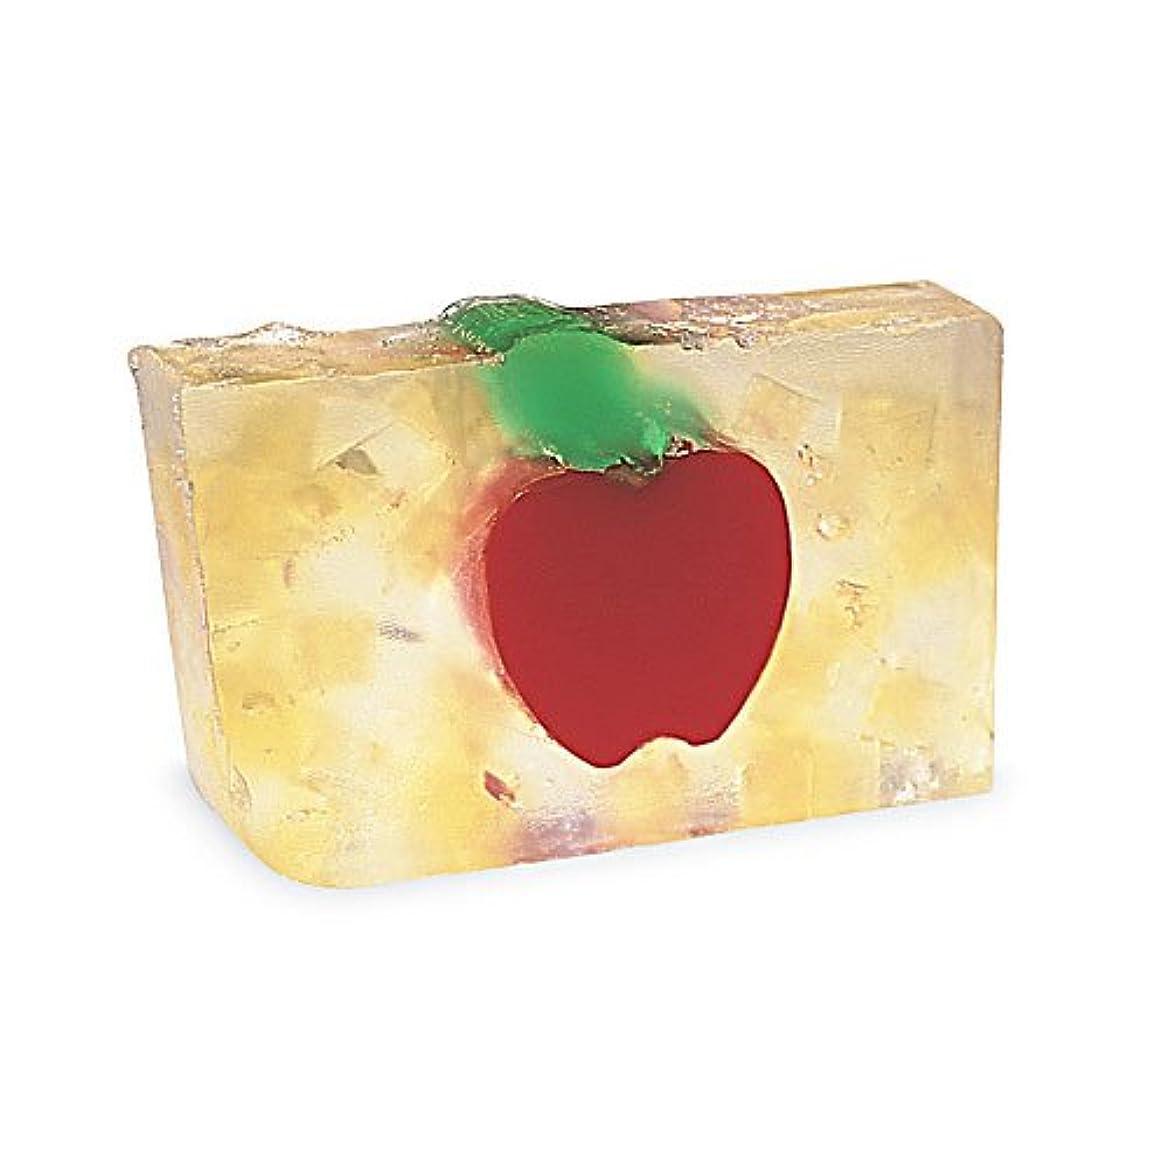 取得する輝く外交プライモールエレメンツ アロマティック ソープ ビッグアップル 180g 植物性 ナチュラル 石鹸 無添加